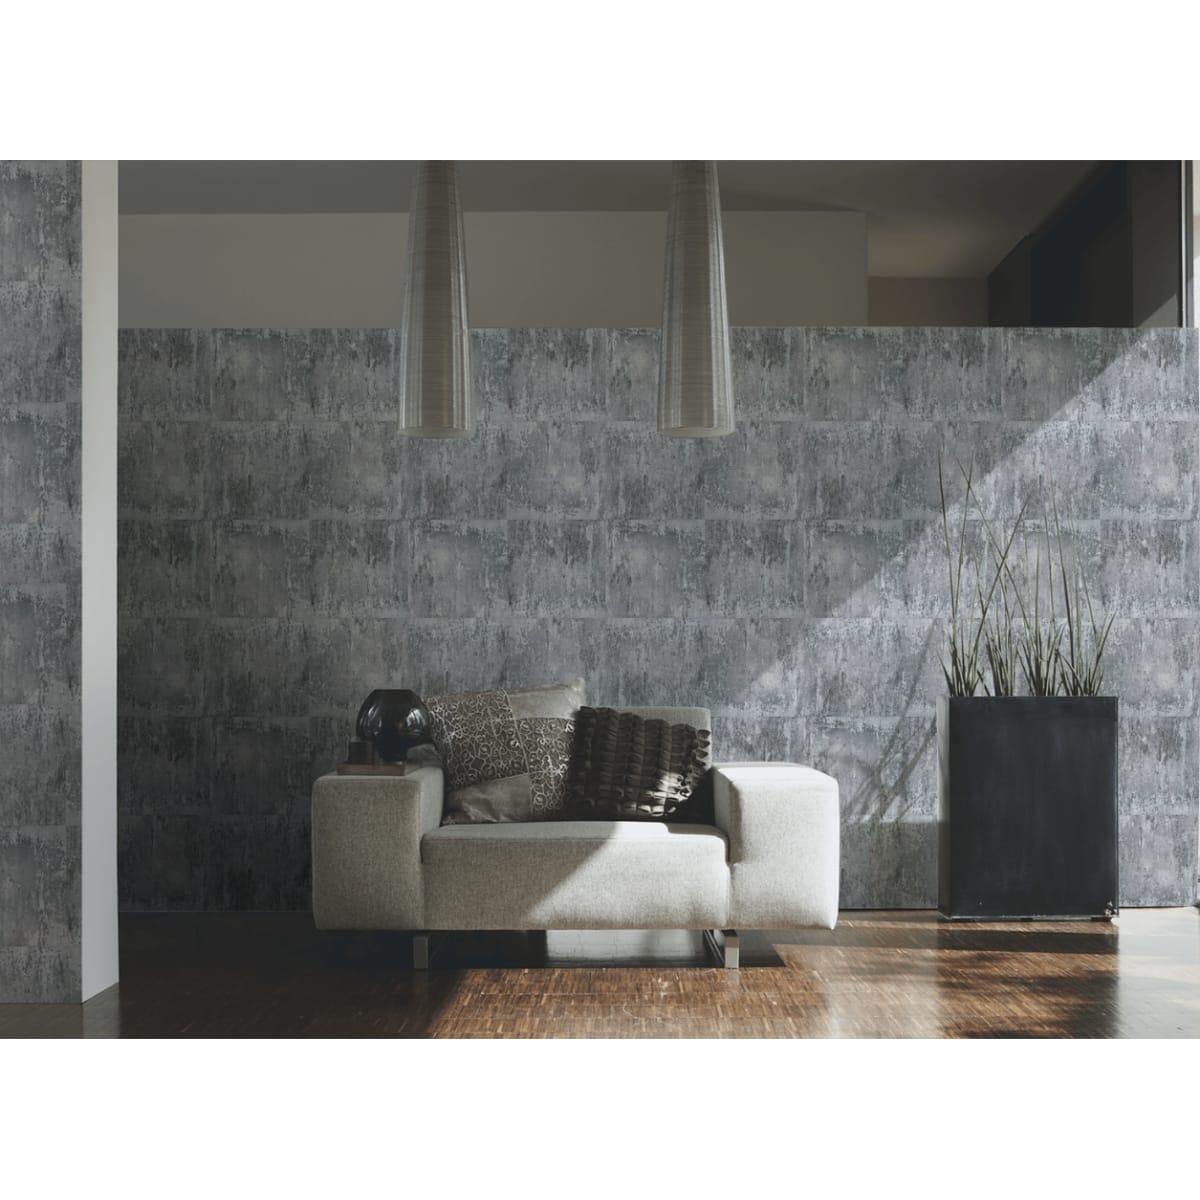 Купить обои под бетон в спб как дешево построить дом из керамзитобетона